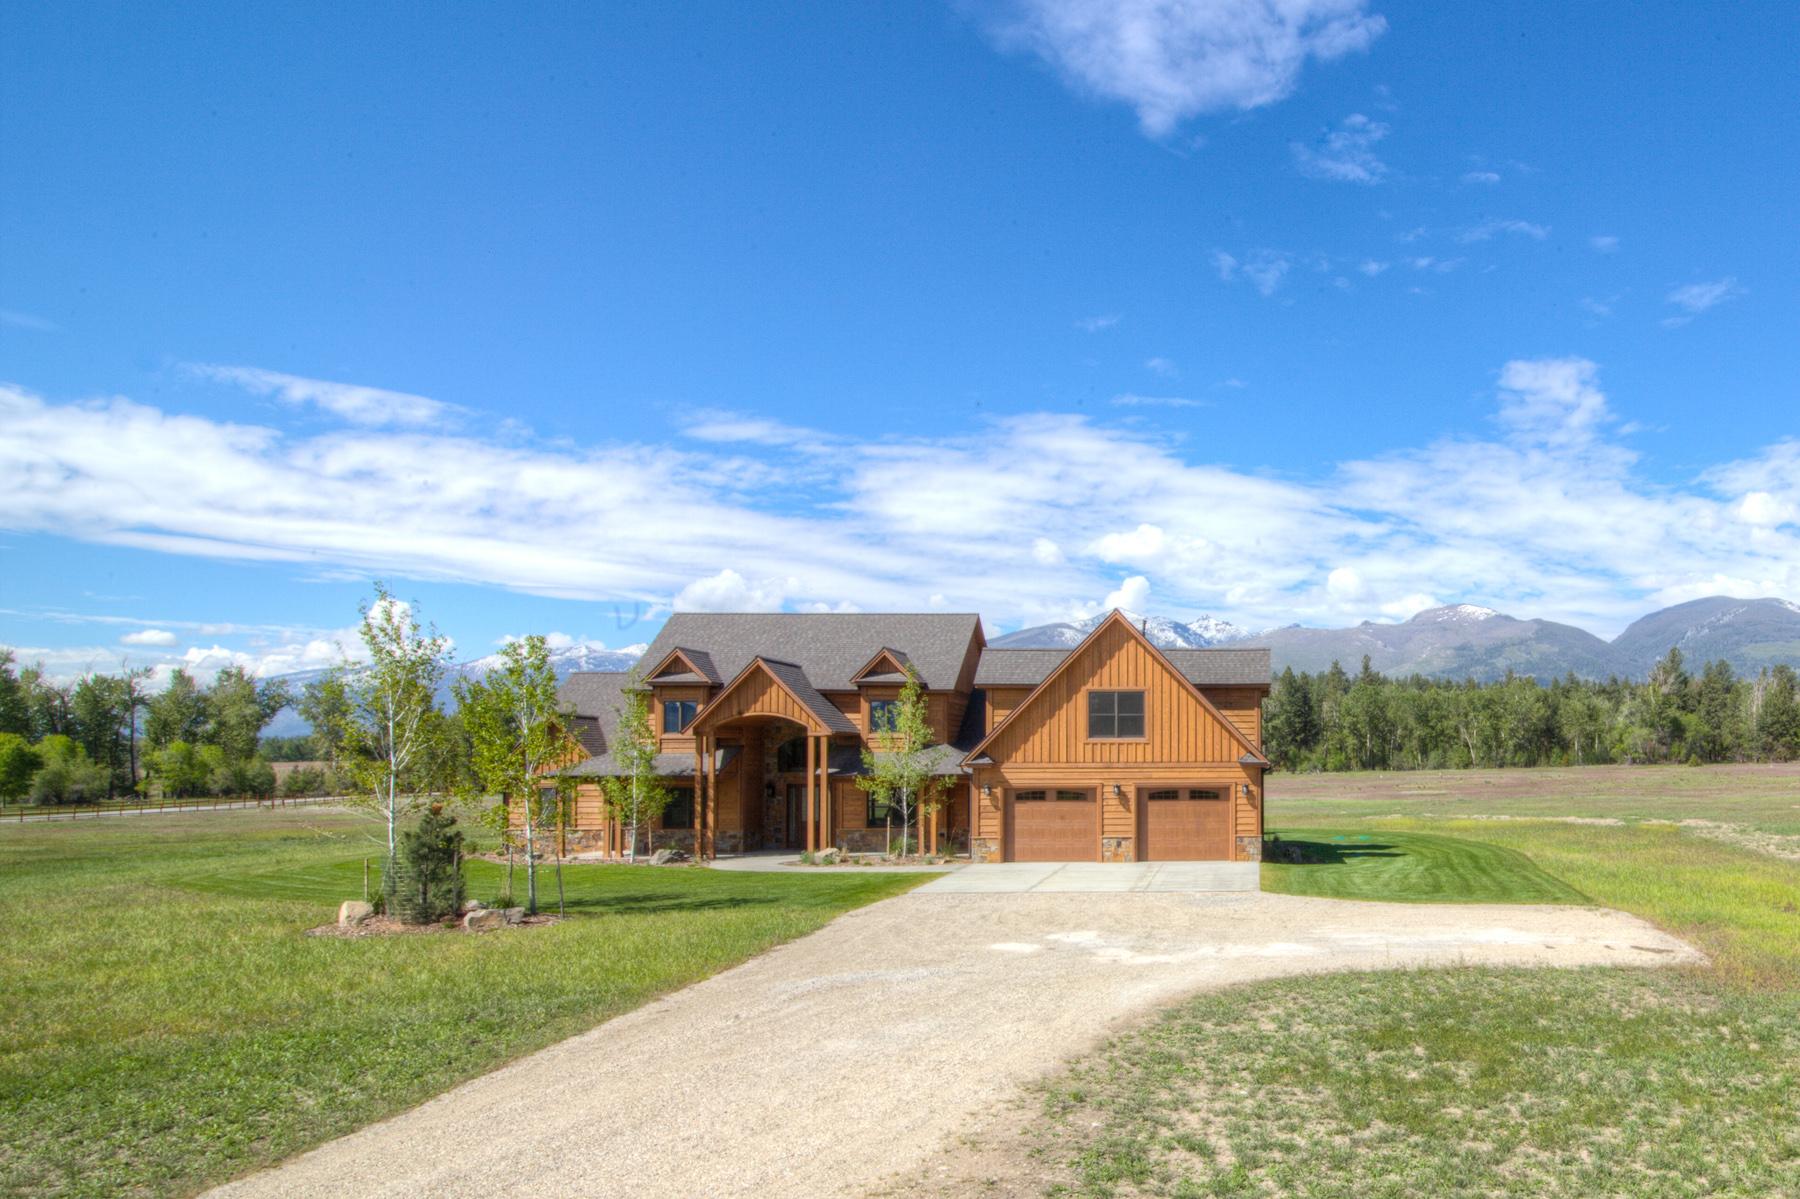 Casa Unifamiliar por un Venta en Burr Creek Ranch 326 Hillside Ranch Rd Victor, Montana, 59875 Estados Unidos